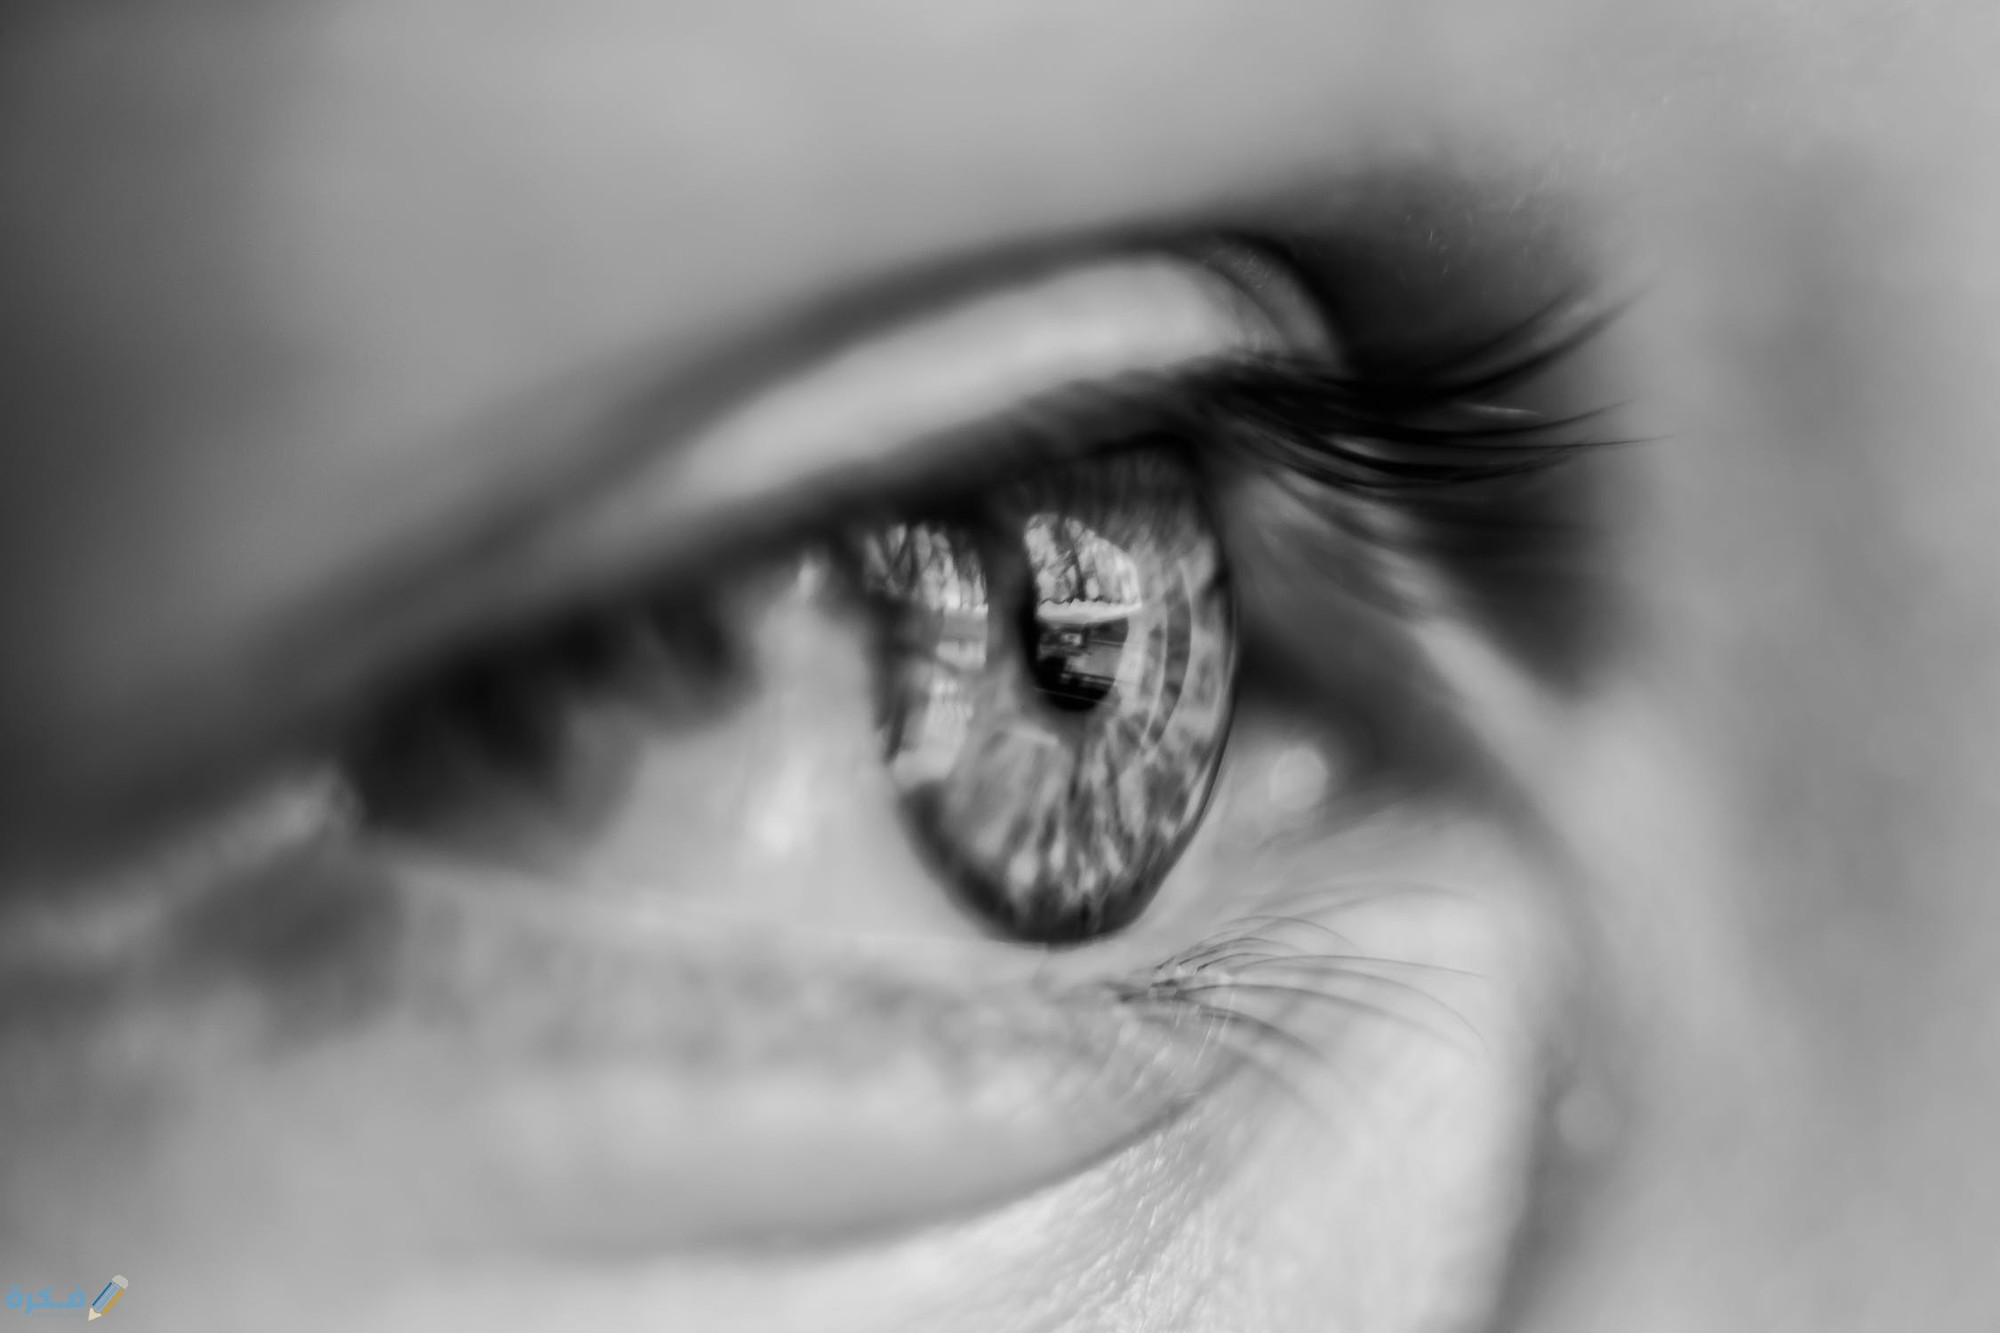 هل البكاء يؤثر على العين